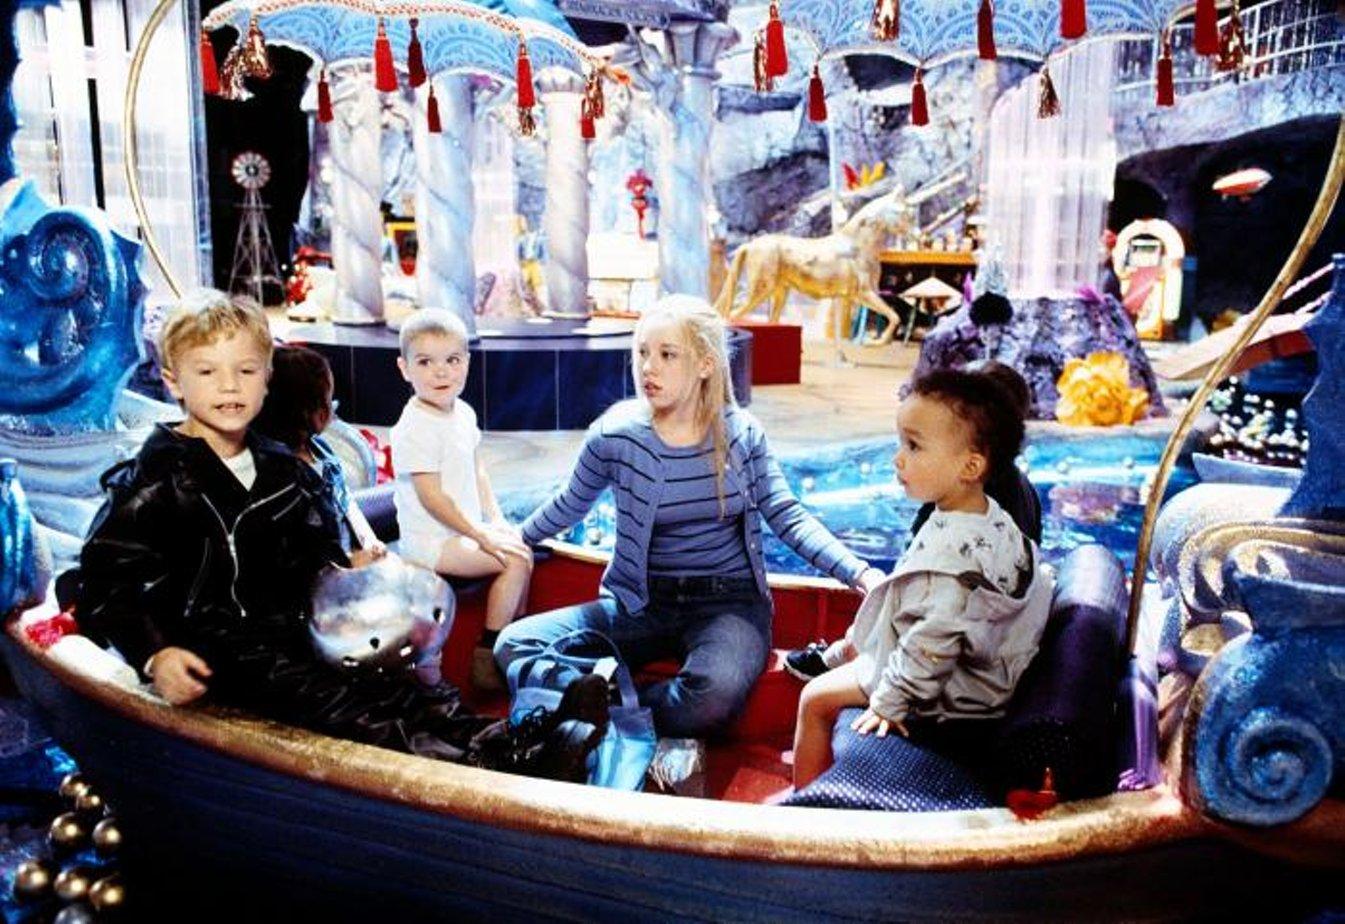 Супердетки: Вундеркинды 2 (Superbabies: Baby Geniuses 2, 2004) картинки